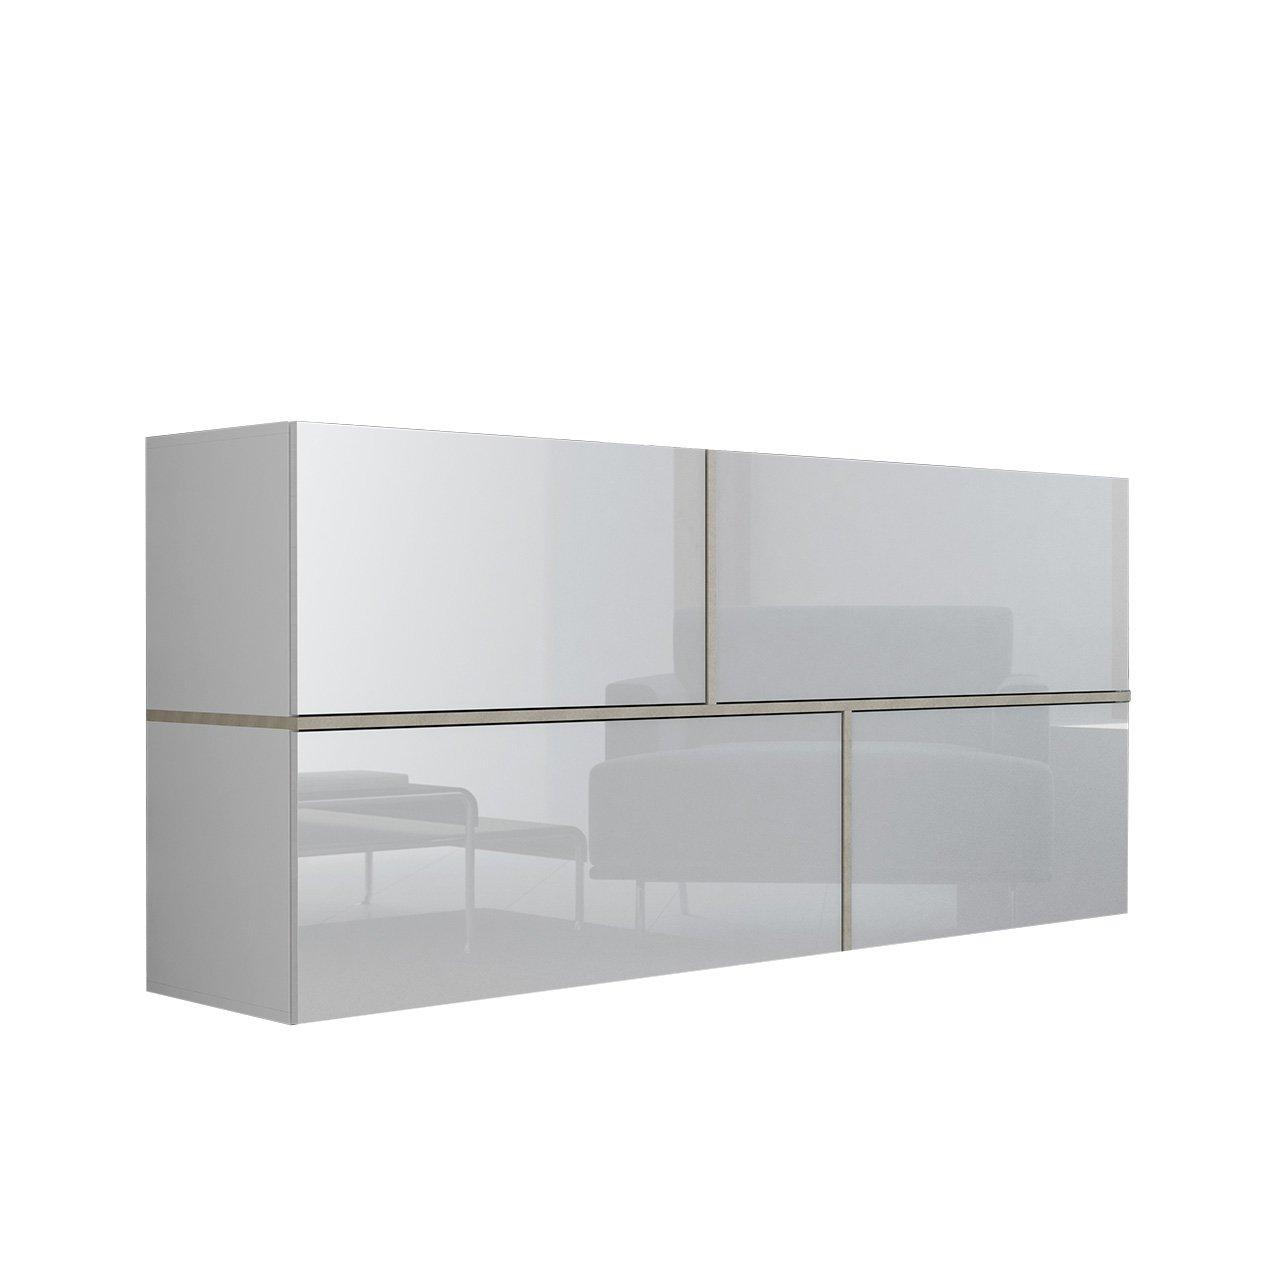 Mirjan24  Kommode Goya, Hängekommode, Anrichte, Mehrzweckschrank, Wohnzimmerschrank, Highboard, Sideboard, Wohnzimmer Schrank (Weiß/Weiß Hochglanz + Eiche Sonoma)